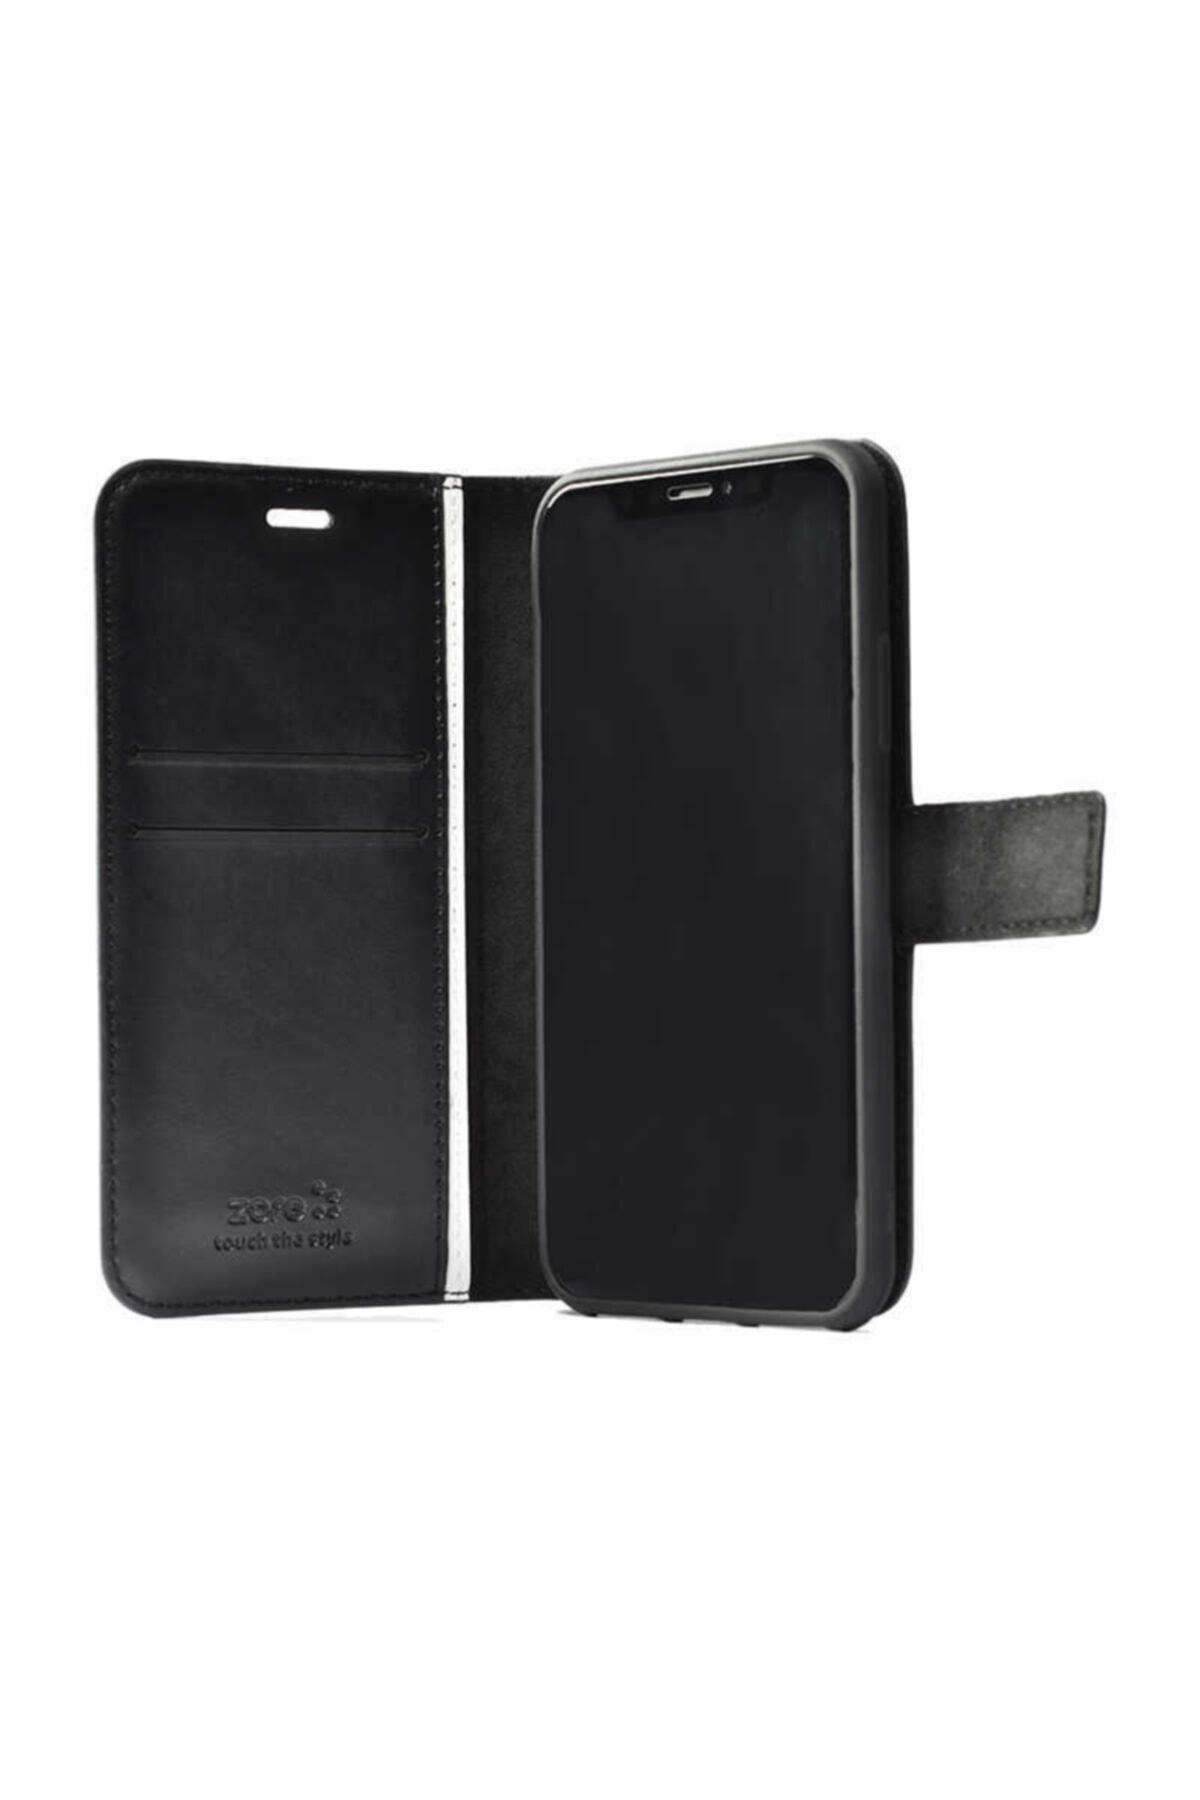 Samsung Veluma Galaxy S20 Fe Kılıf Cüzdanlı Standlı Kapaklı Kılıf